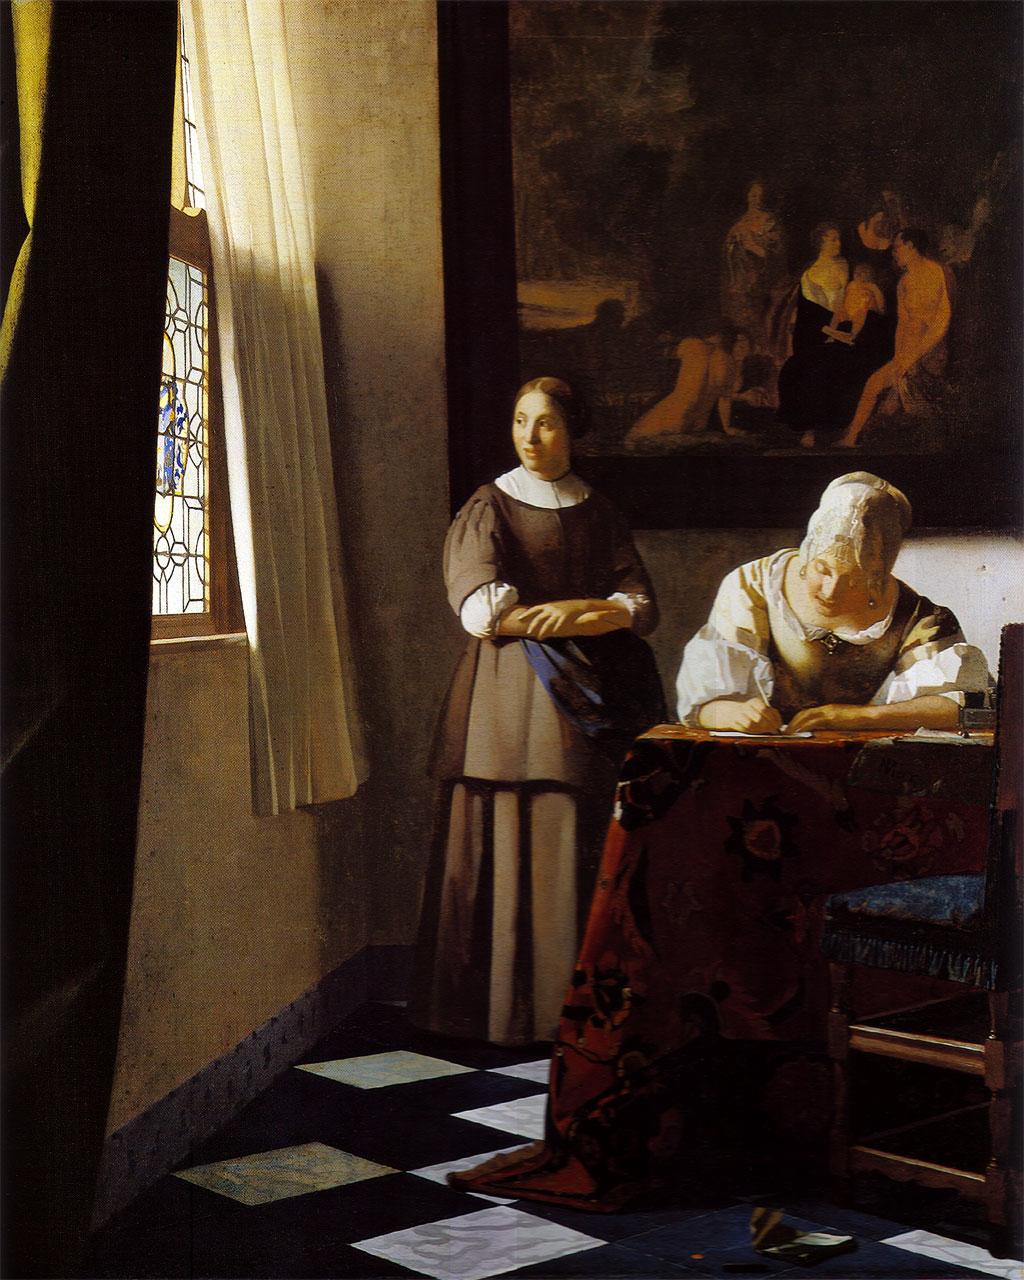 Vermeer, Jeune femme écrivant une lettre et sa servante, 1667, National Gallery, Londres